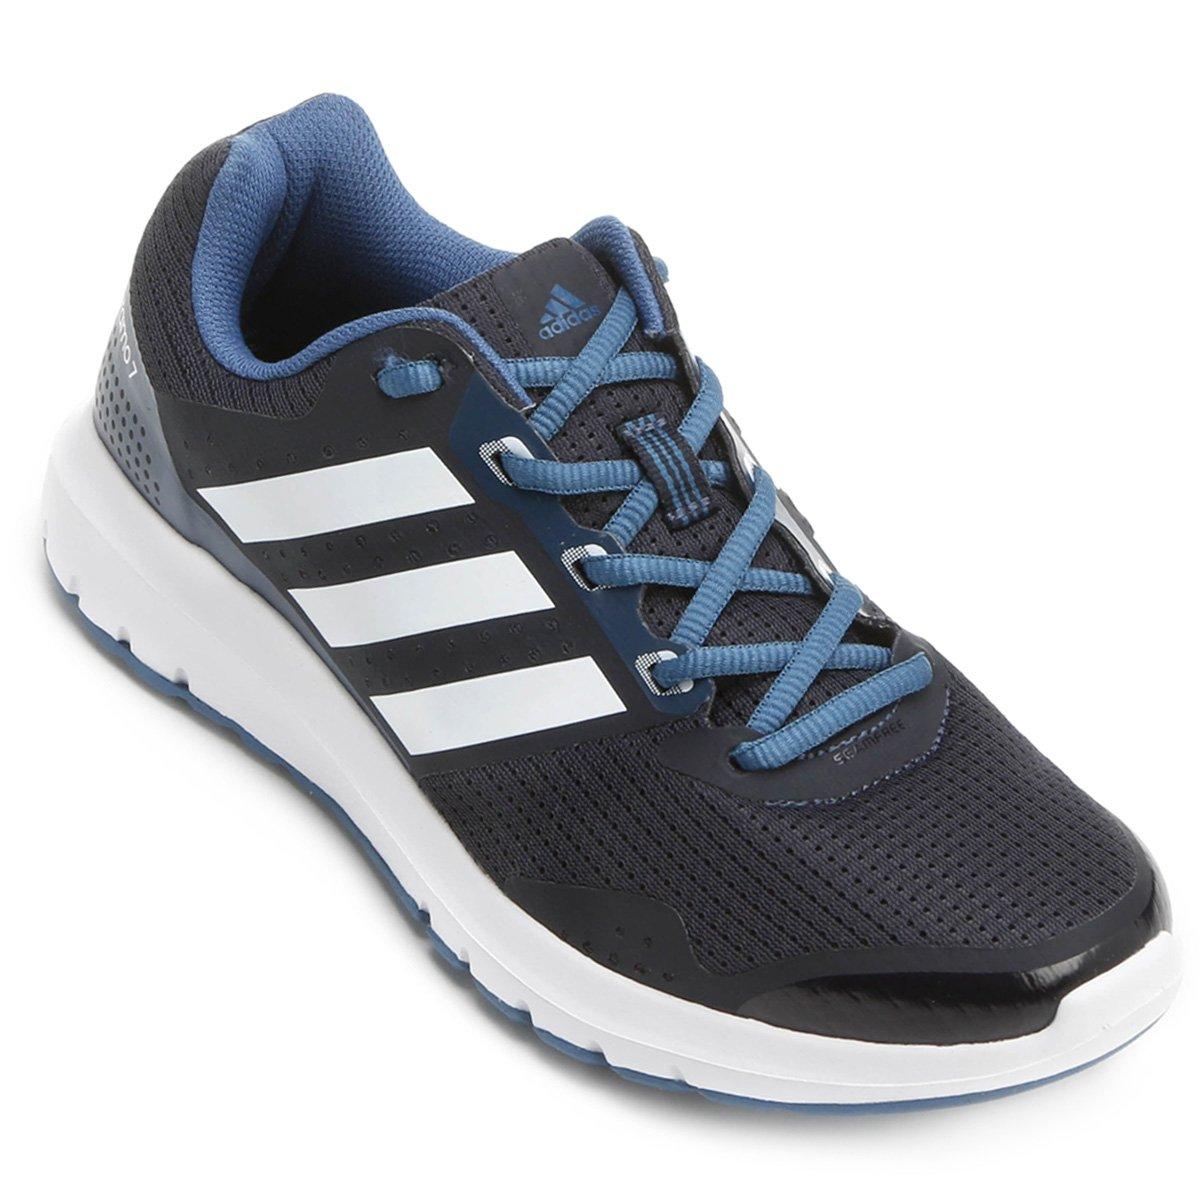 a453cc6f7e1 Tênis Adidas Duramo 7 Feminino - Preto e Azul - Compre Agora